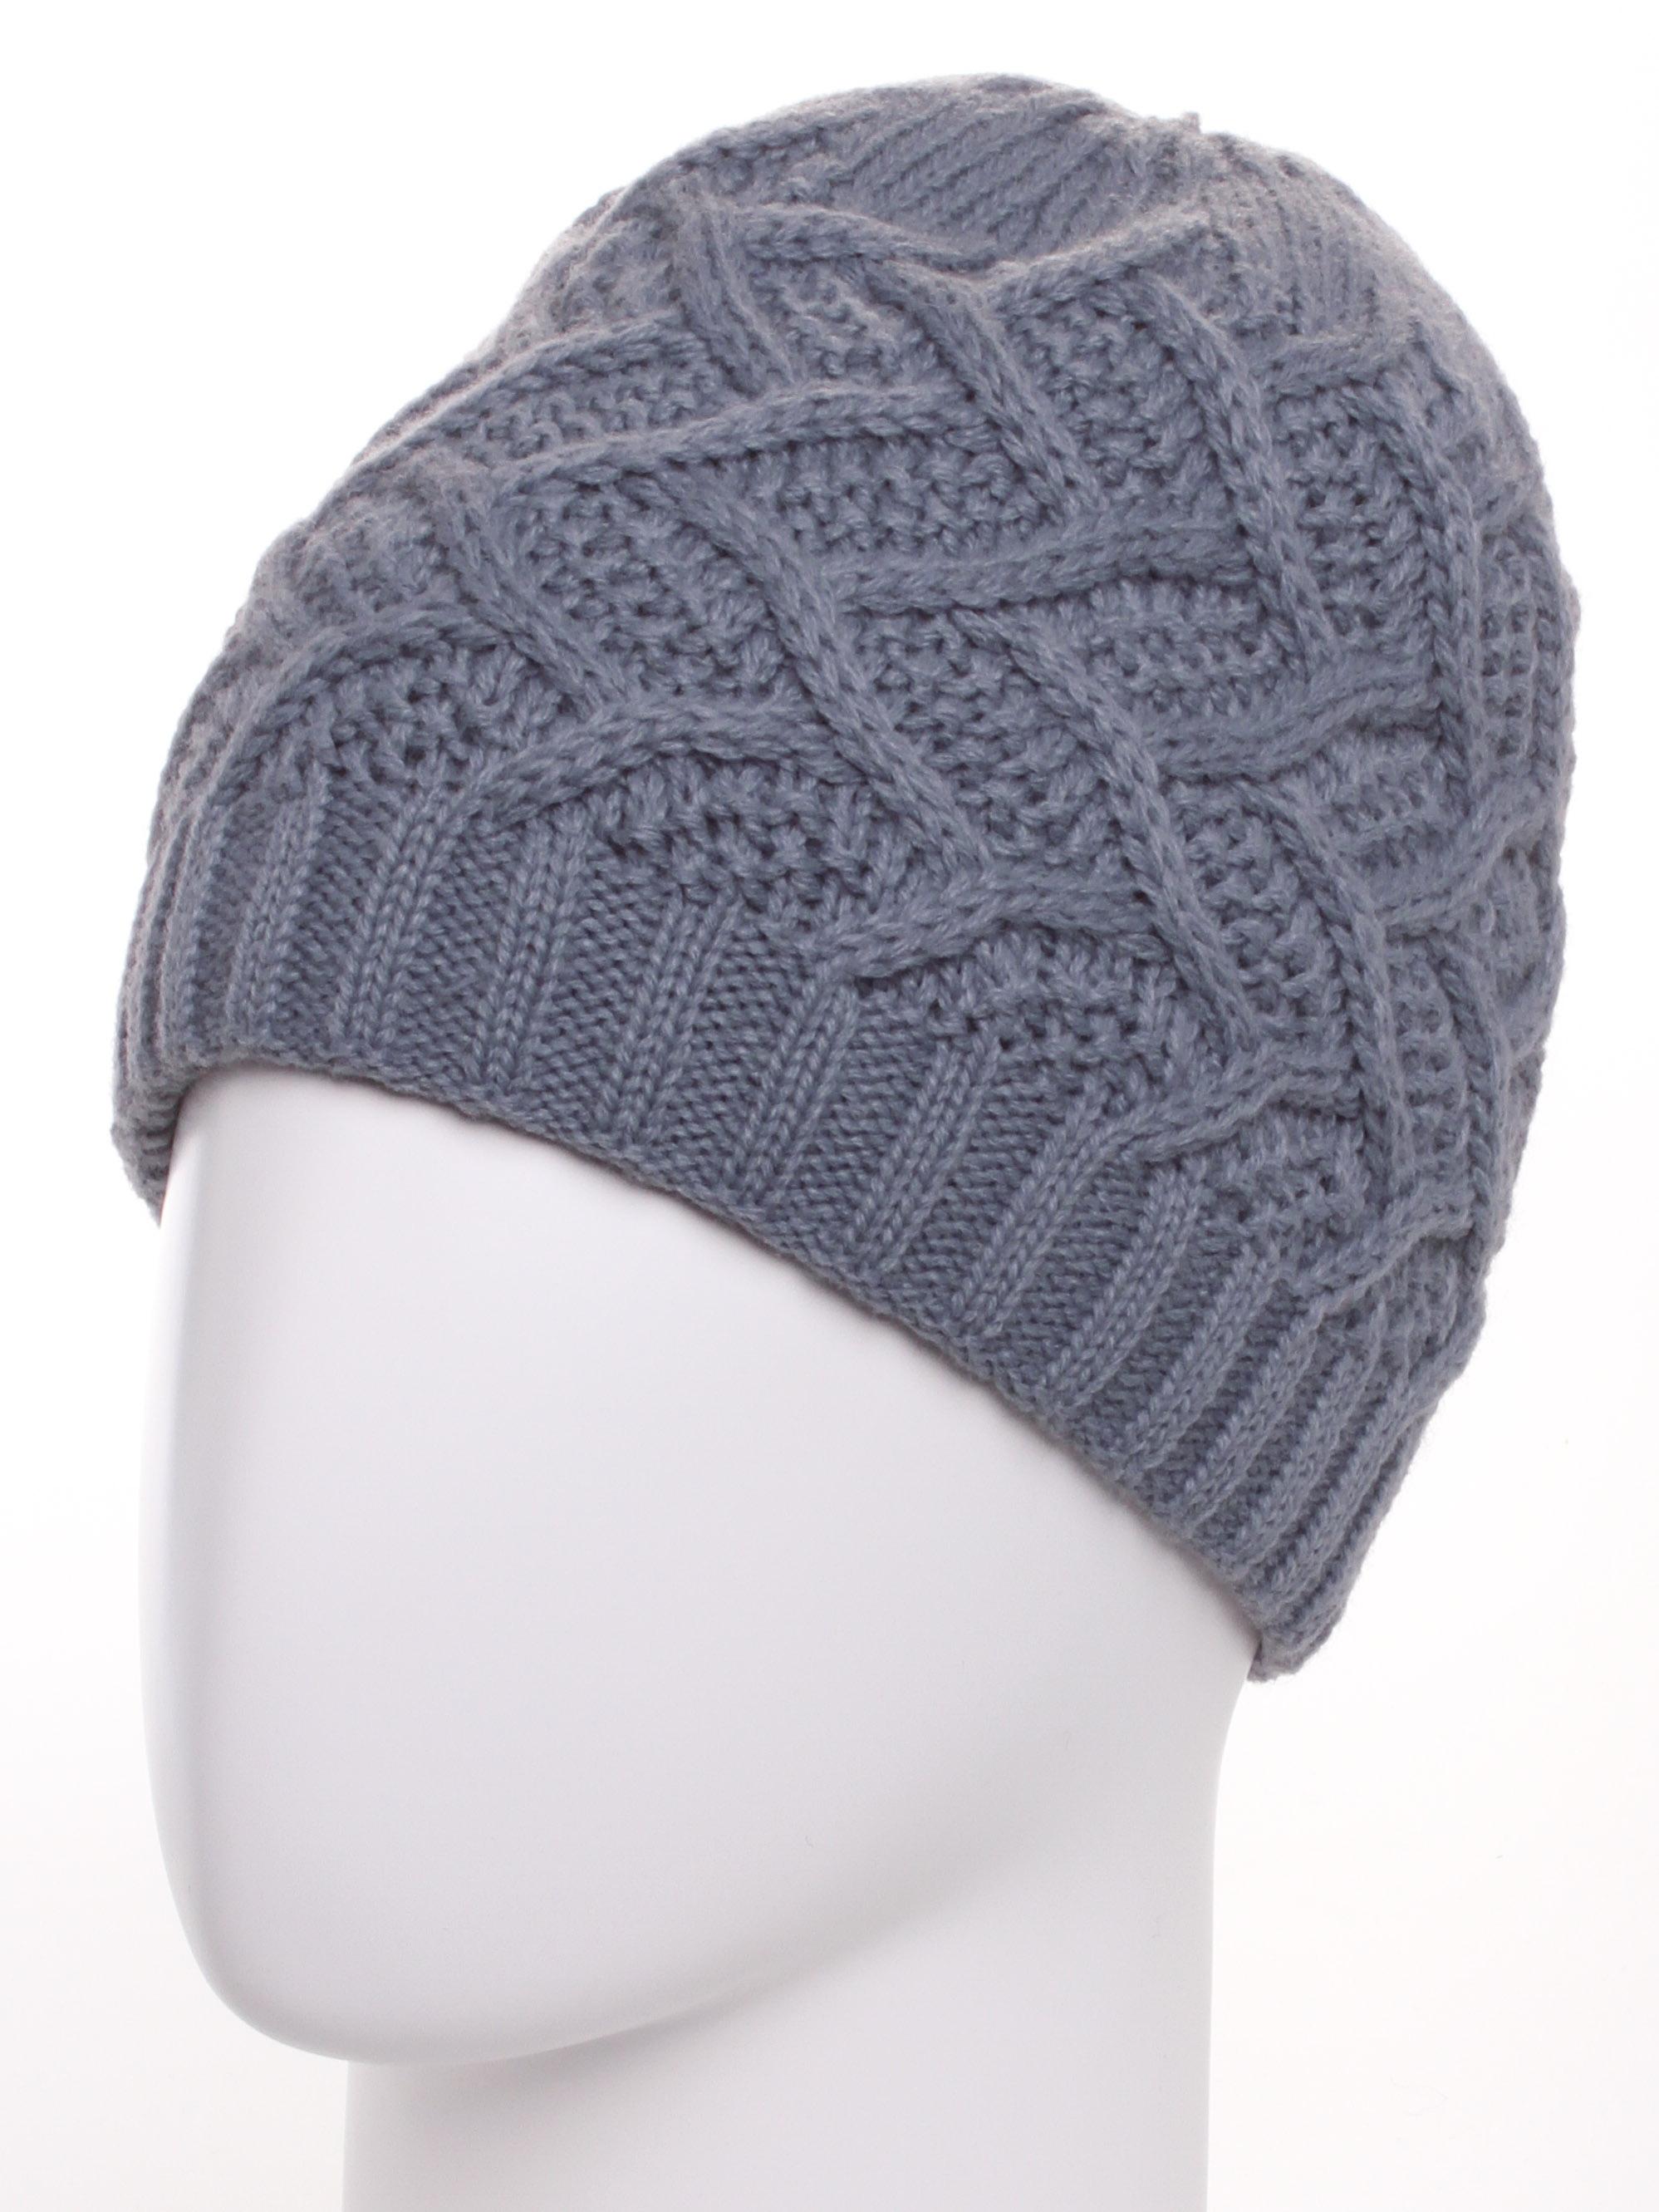 ШапкаШапки<br>Ажурная шапка подарит Вам тепло и комфорт.  Стильный аксессуар защитит Вас от непогоды и станет прекрасным дополнением Вашего образа.  В изделии использованы цвета: серый<br><br>По материалу: Вязаные,Трикотаж<br>По рисунку: Однотонные<br>По сезону: Зима<br>Размер : universal<br>Материал: Вязаное полотно<br>Количество в наличии: 1